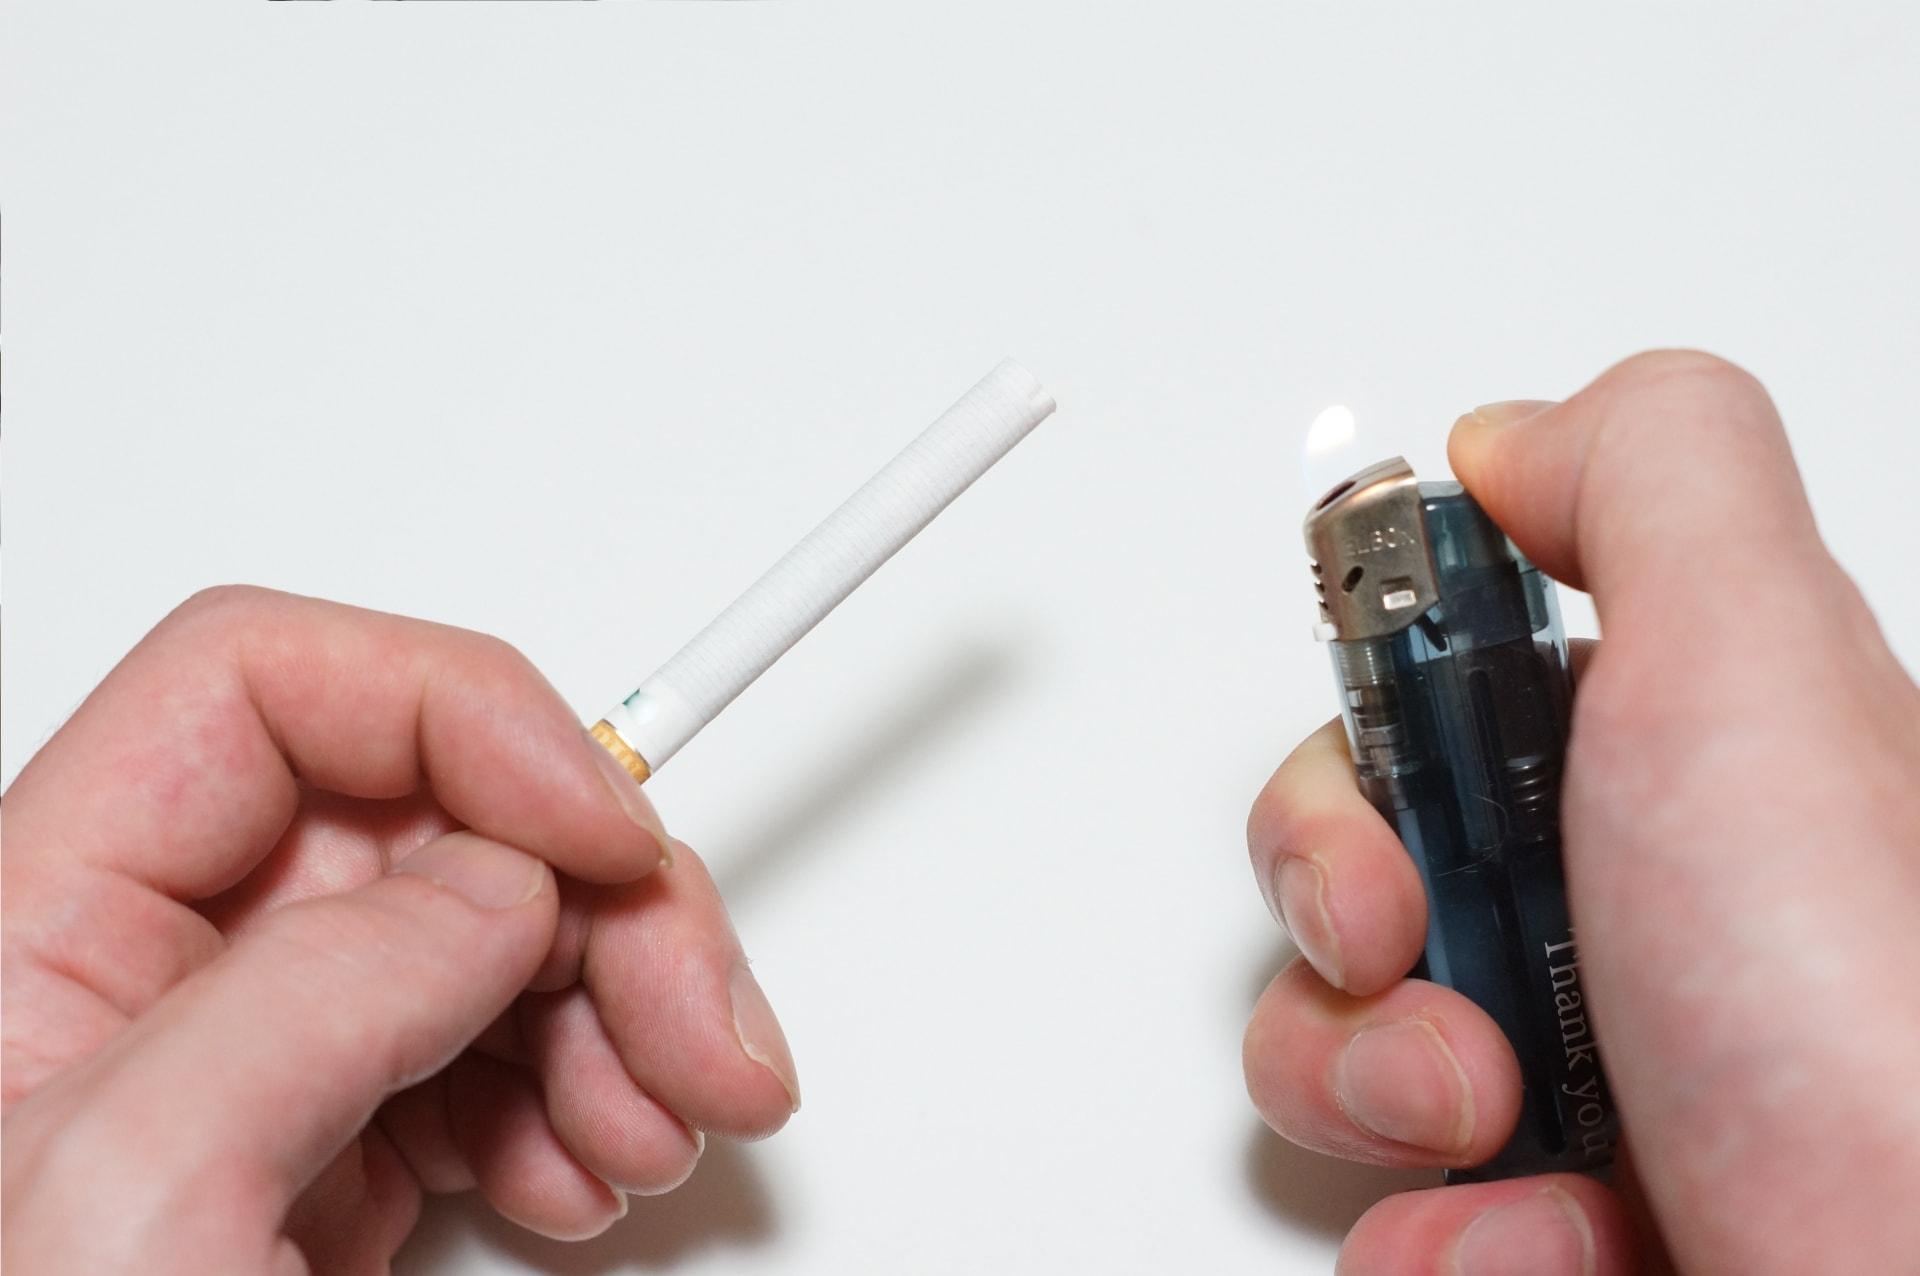 【禁煙2日目】禁煙してみた!成功した禁煙体験をご紹介